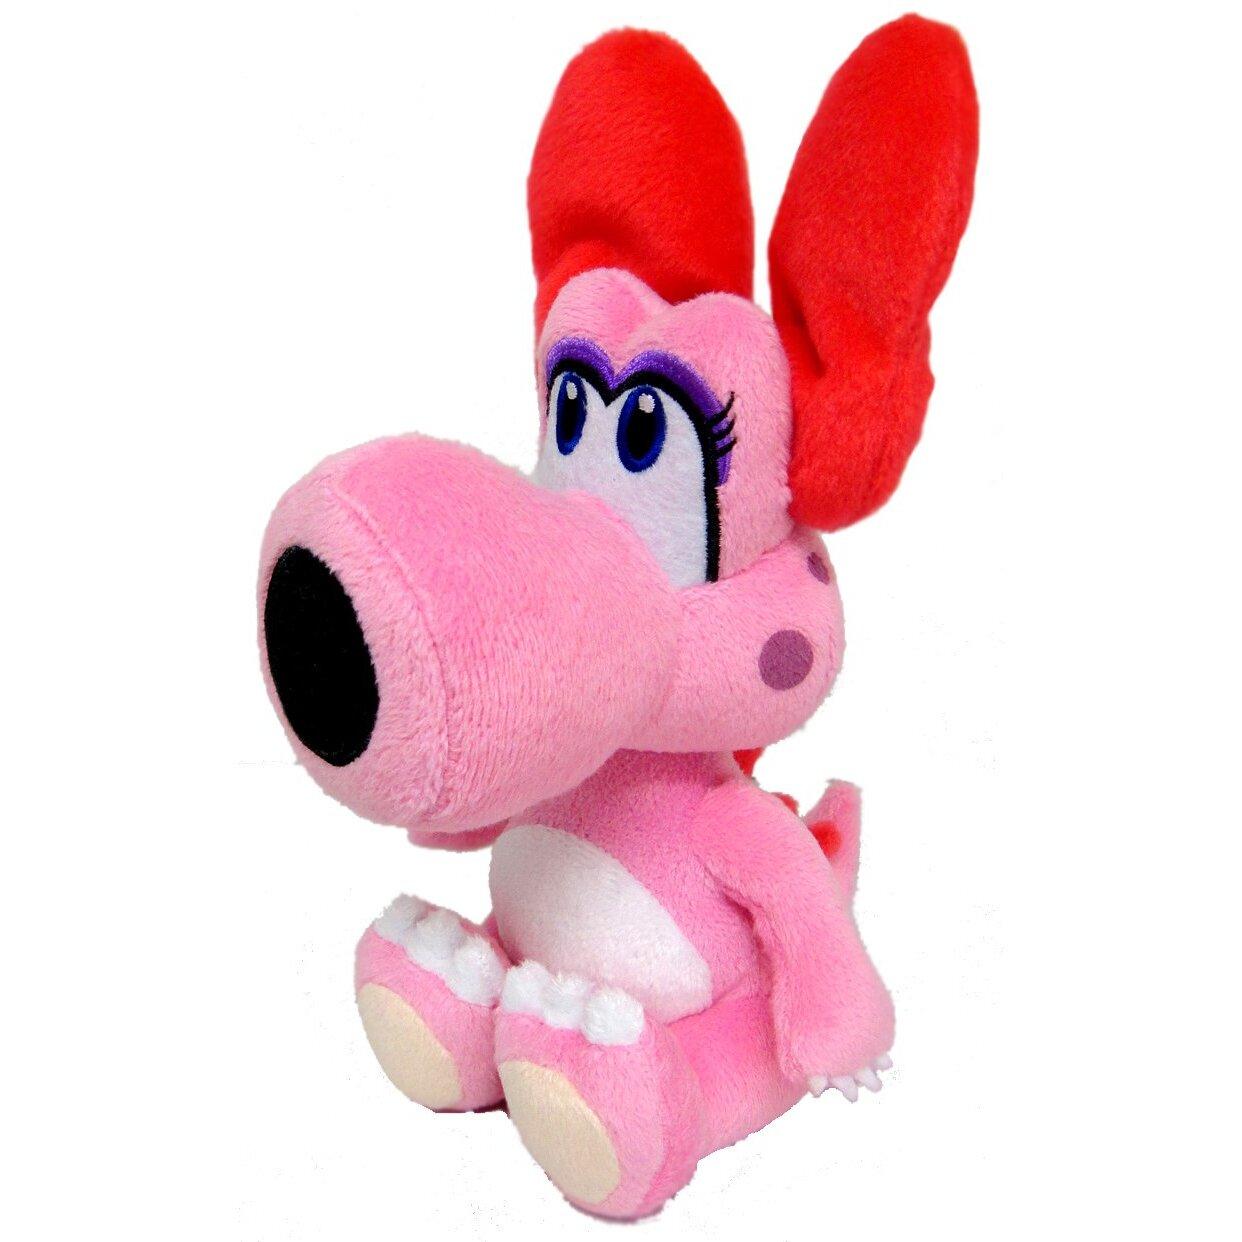 Birdo Official Super Mario Plush (1)